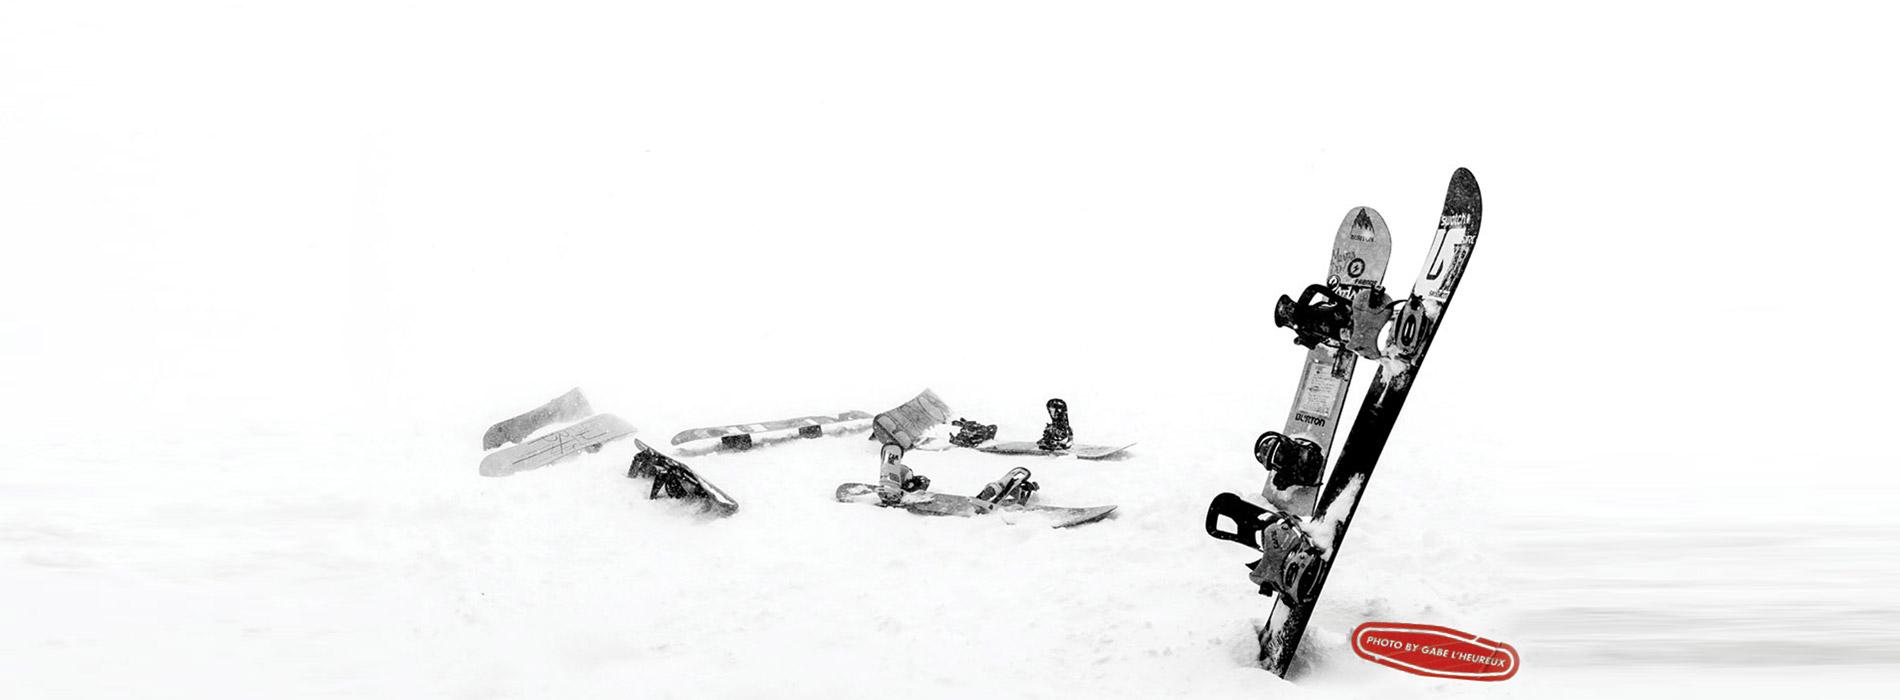 noleggio_sci_snowboard_cortina_d_ampezzo_laboratorio-006